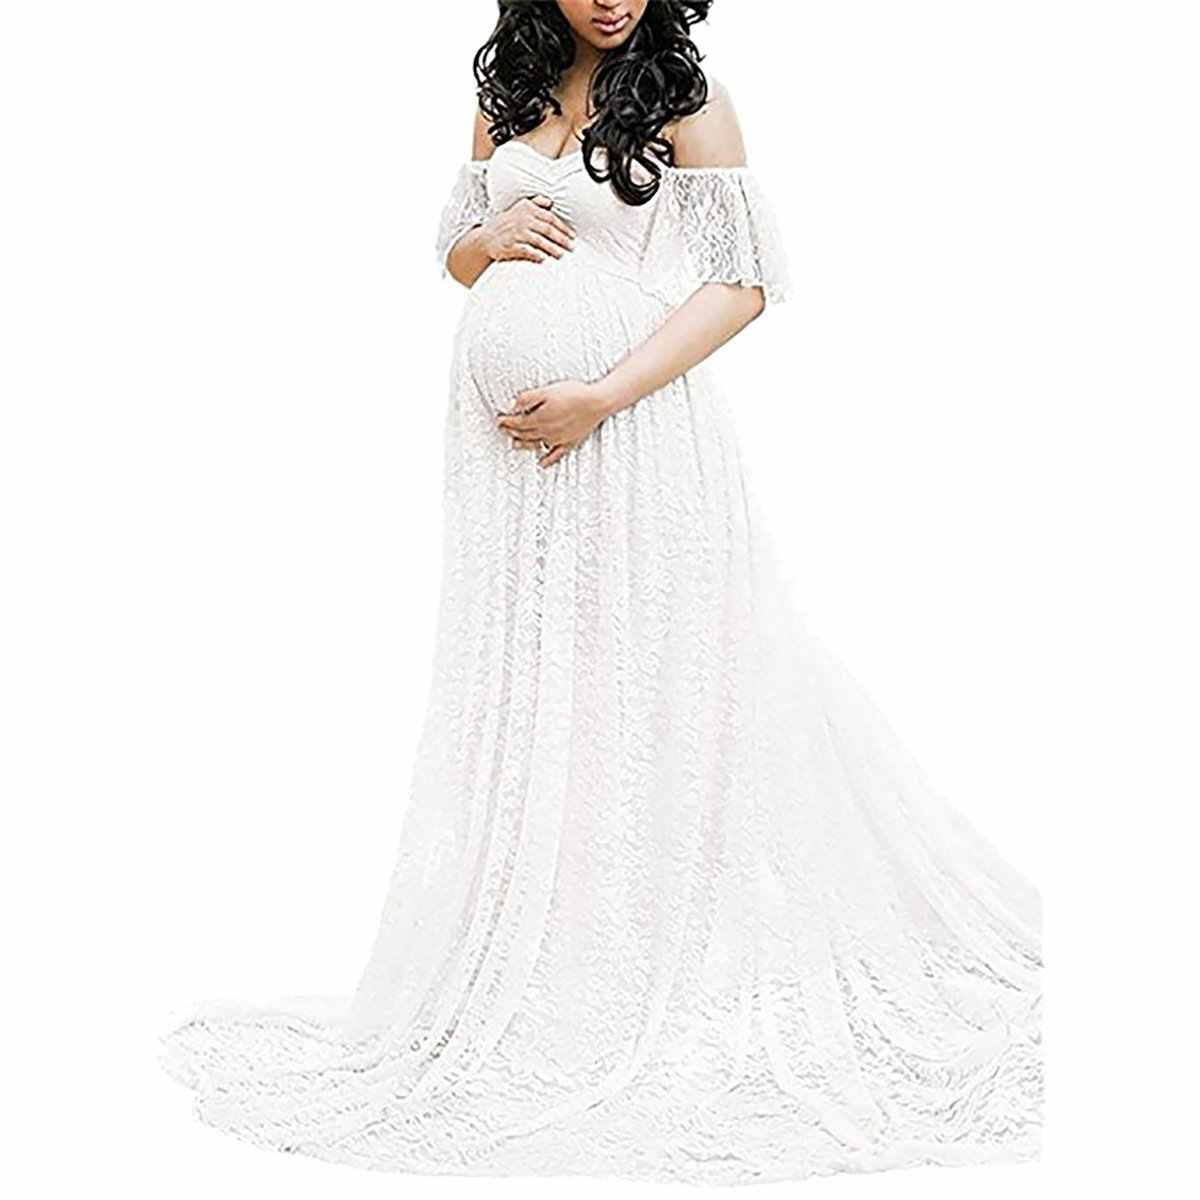 89f83efc00a6 ... Envsoll Maternità Fotografia Puntelli del Vestito Gravidanza Fotografia  Maternità Abiti Per Il Servizio Fotografico Wq14 Incinte ...